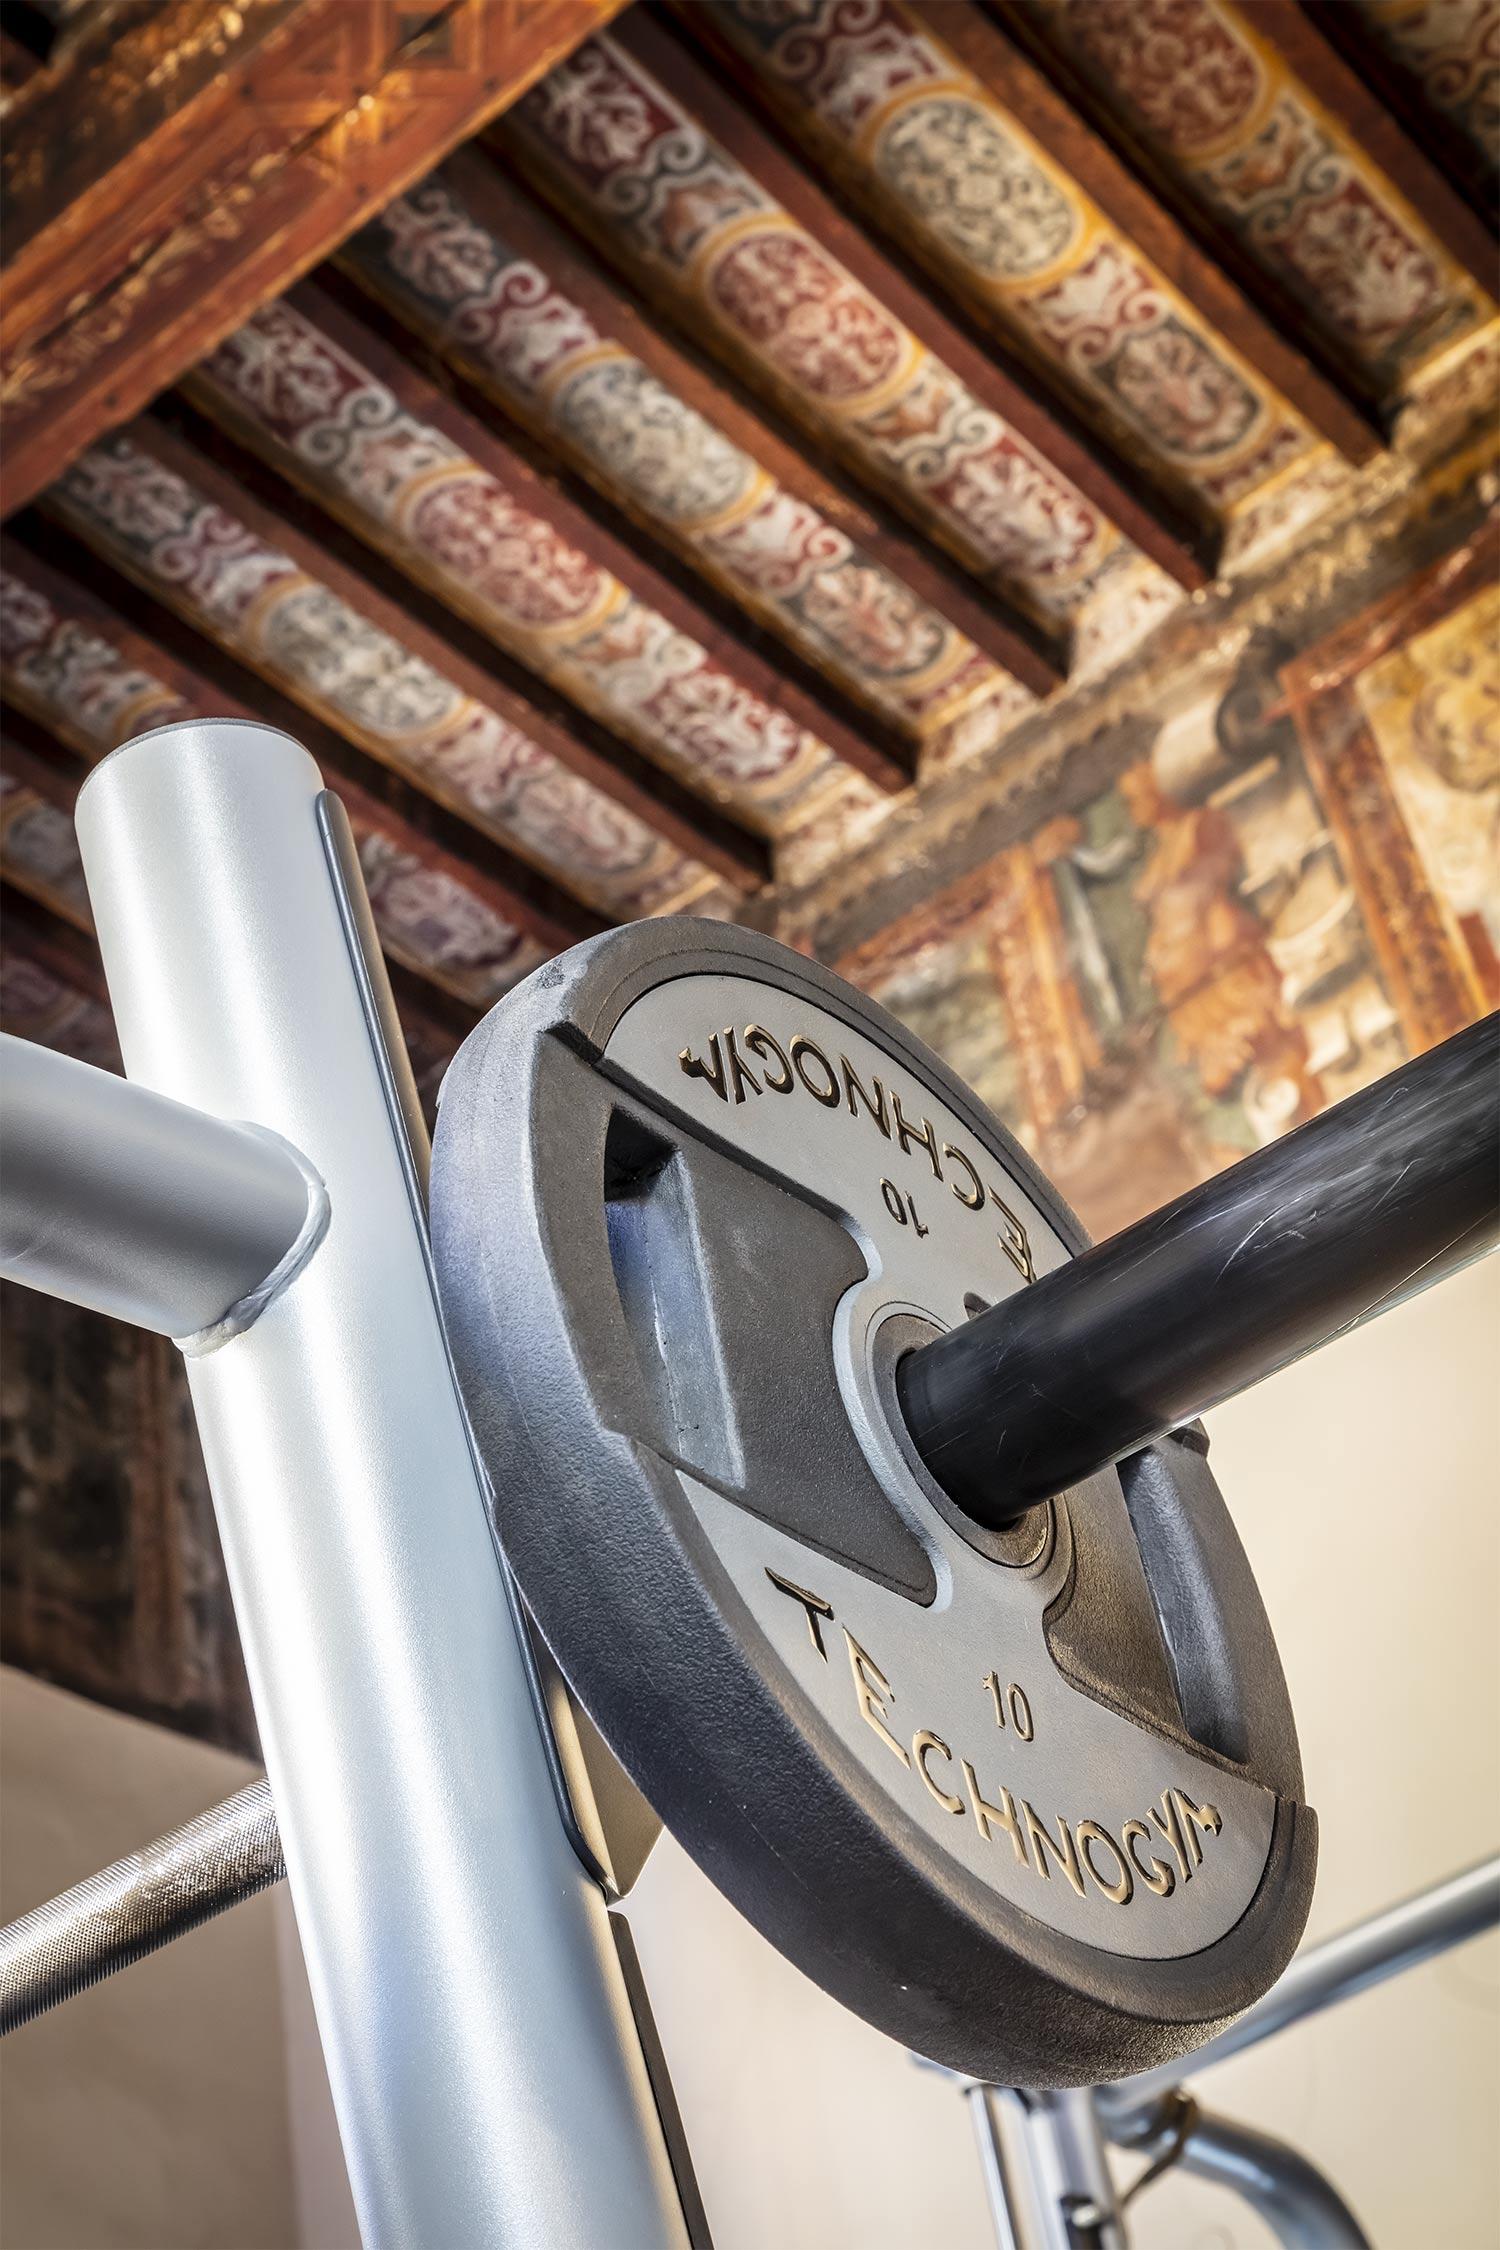 Nella palestra FisiLabor potrai allenarti sotto a soffitti unici del palazzo storico Tarasconi - Smeraldi